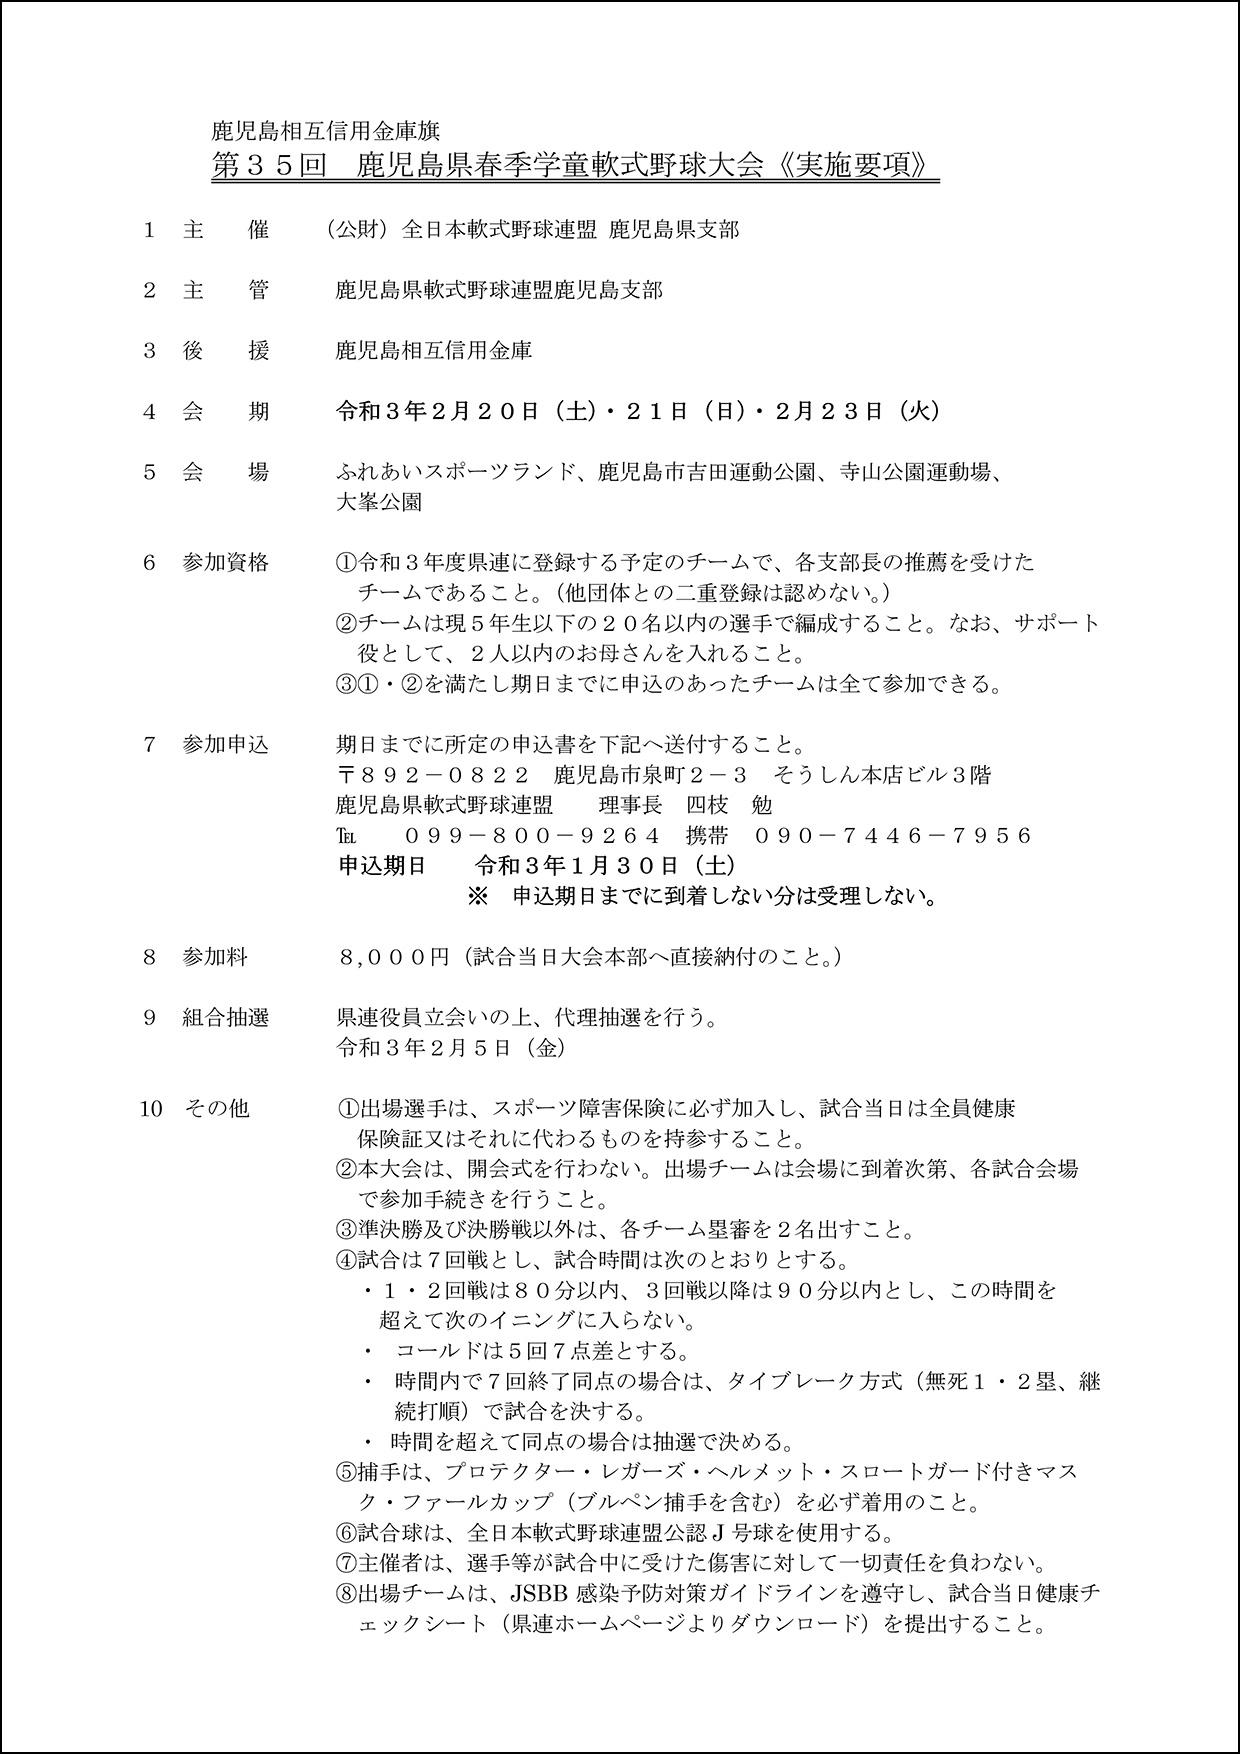 【差替】鹿児島相互信用金庫旗 第35回県春季学童軟式野球大会